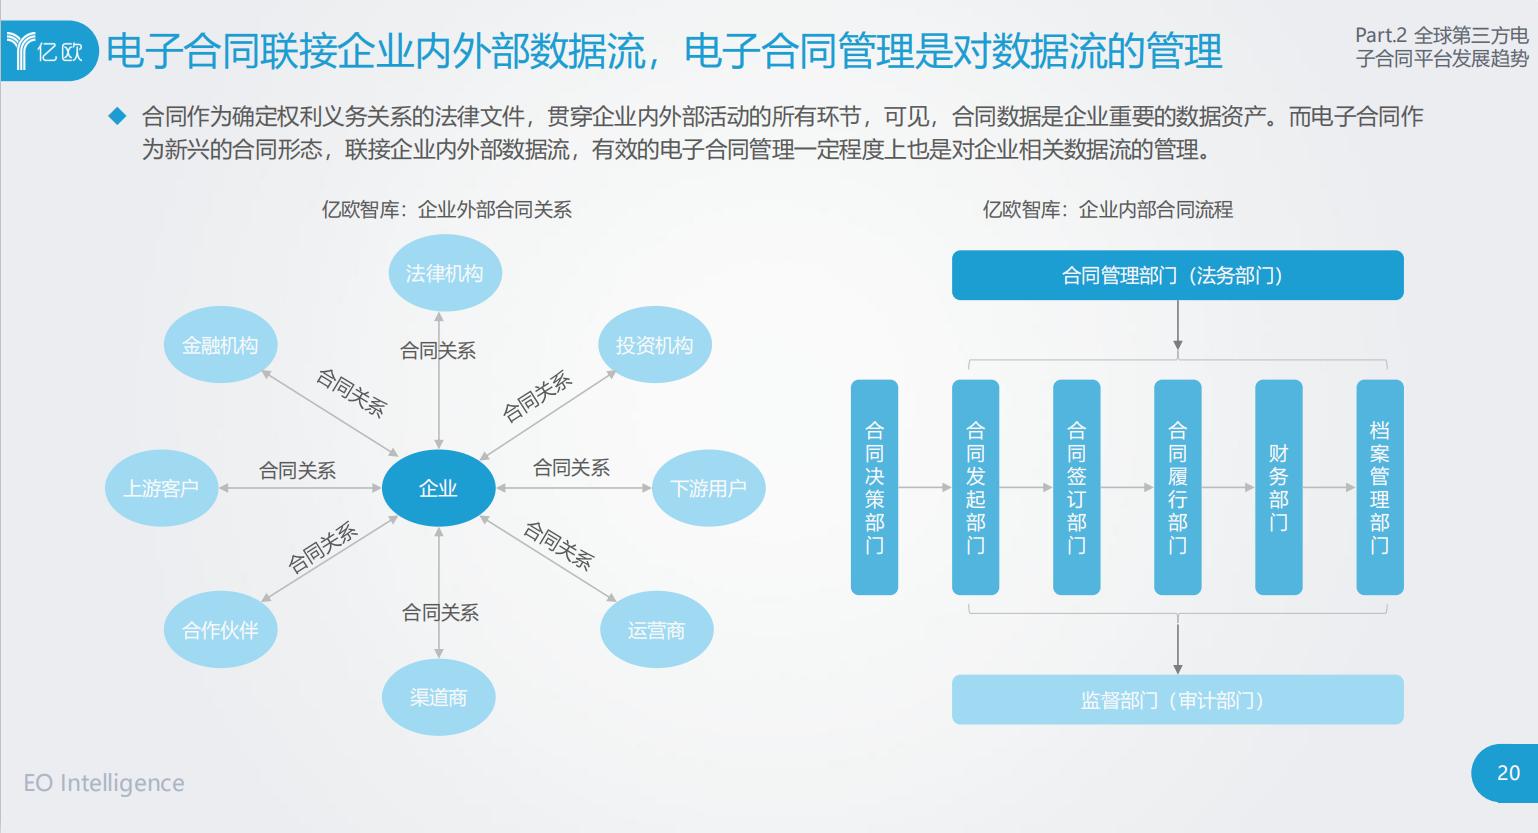 《2020年全球第三方电子合同平台发展报告》